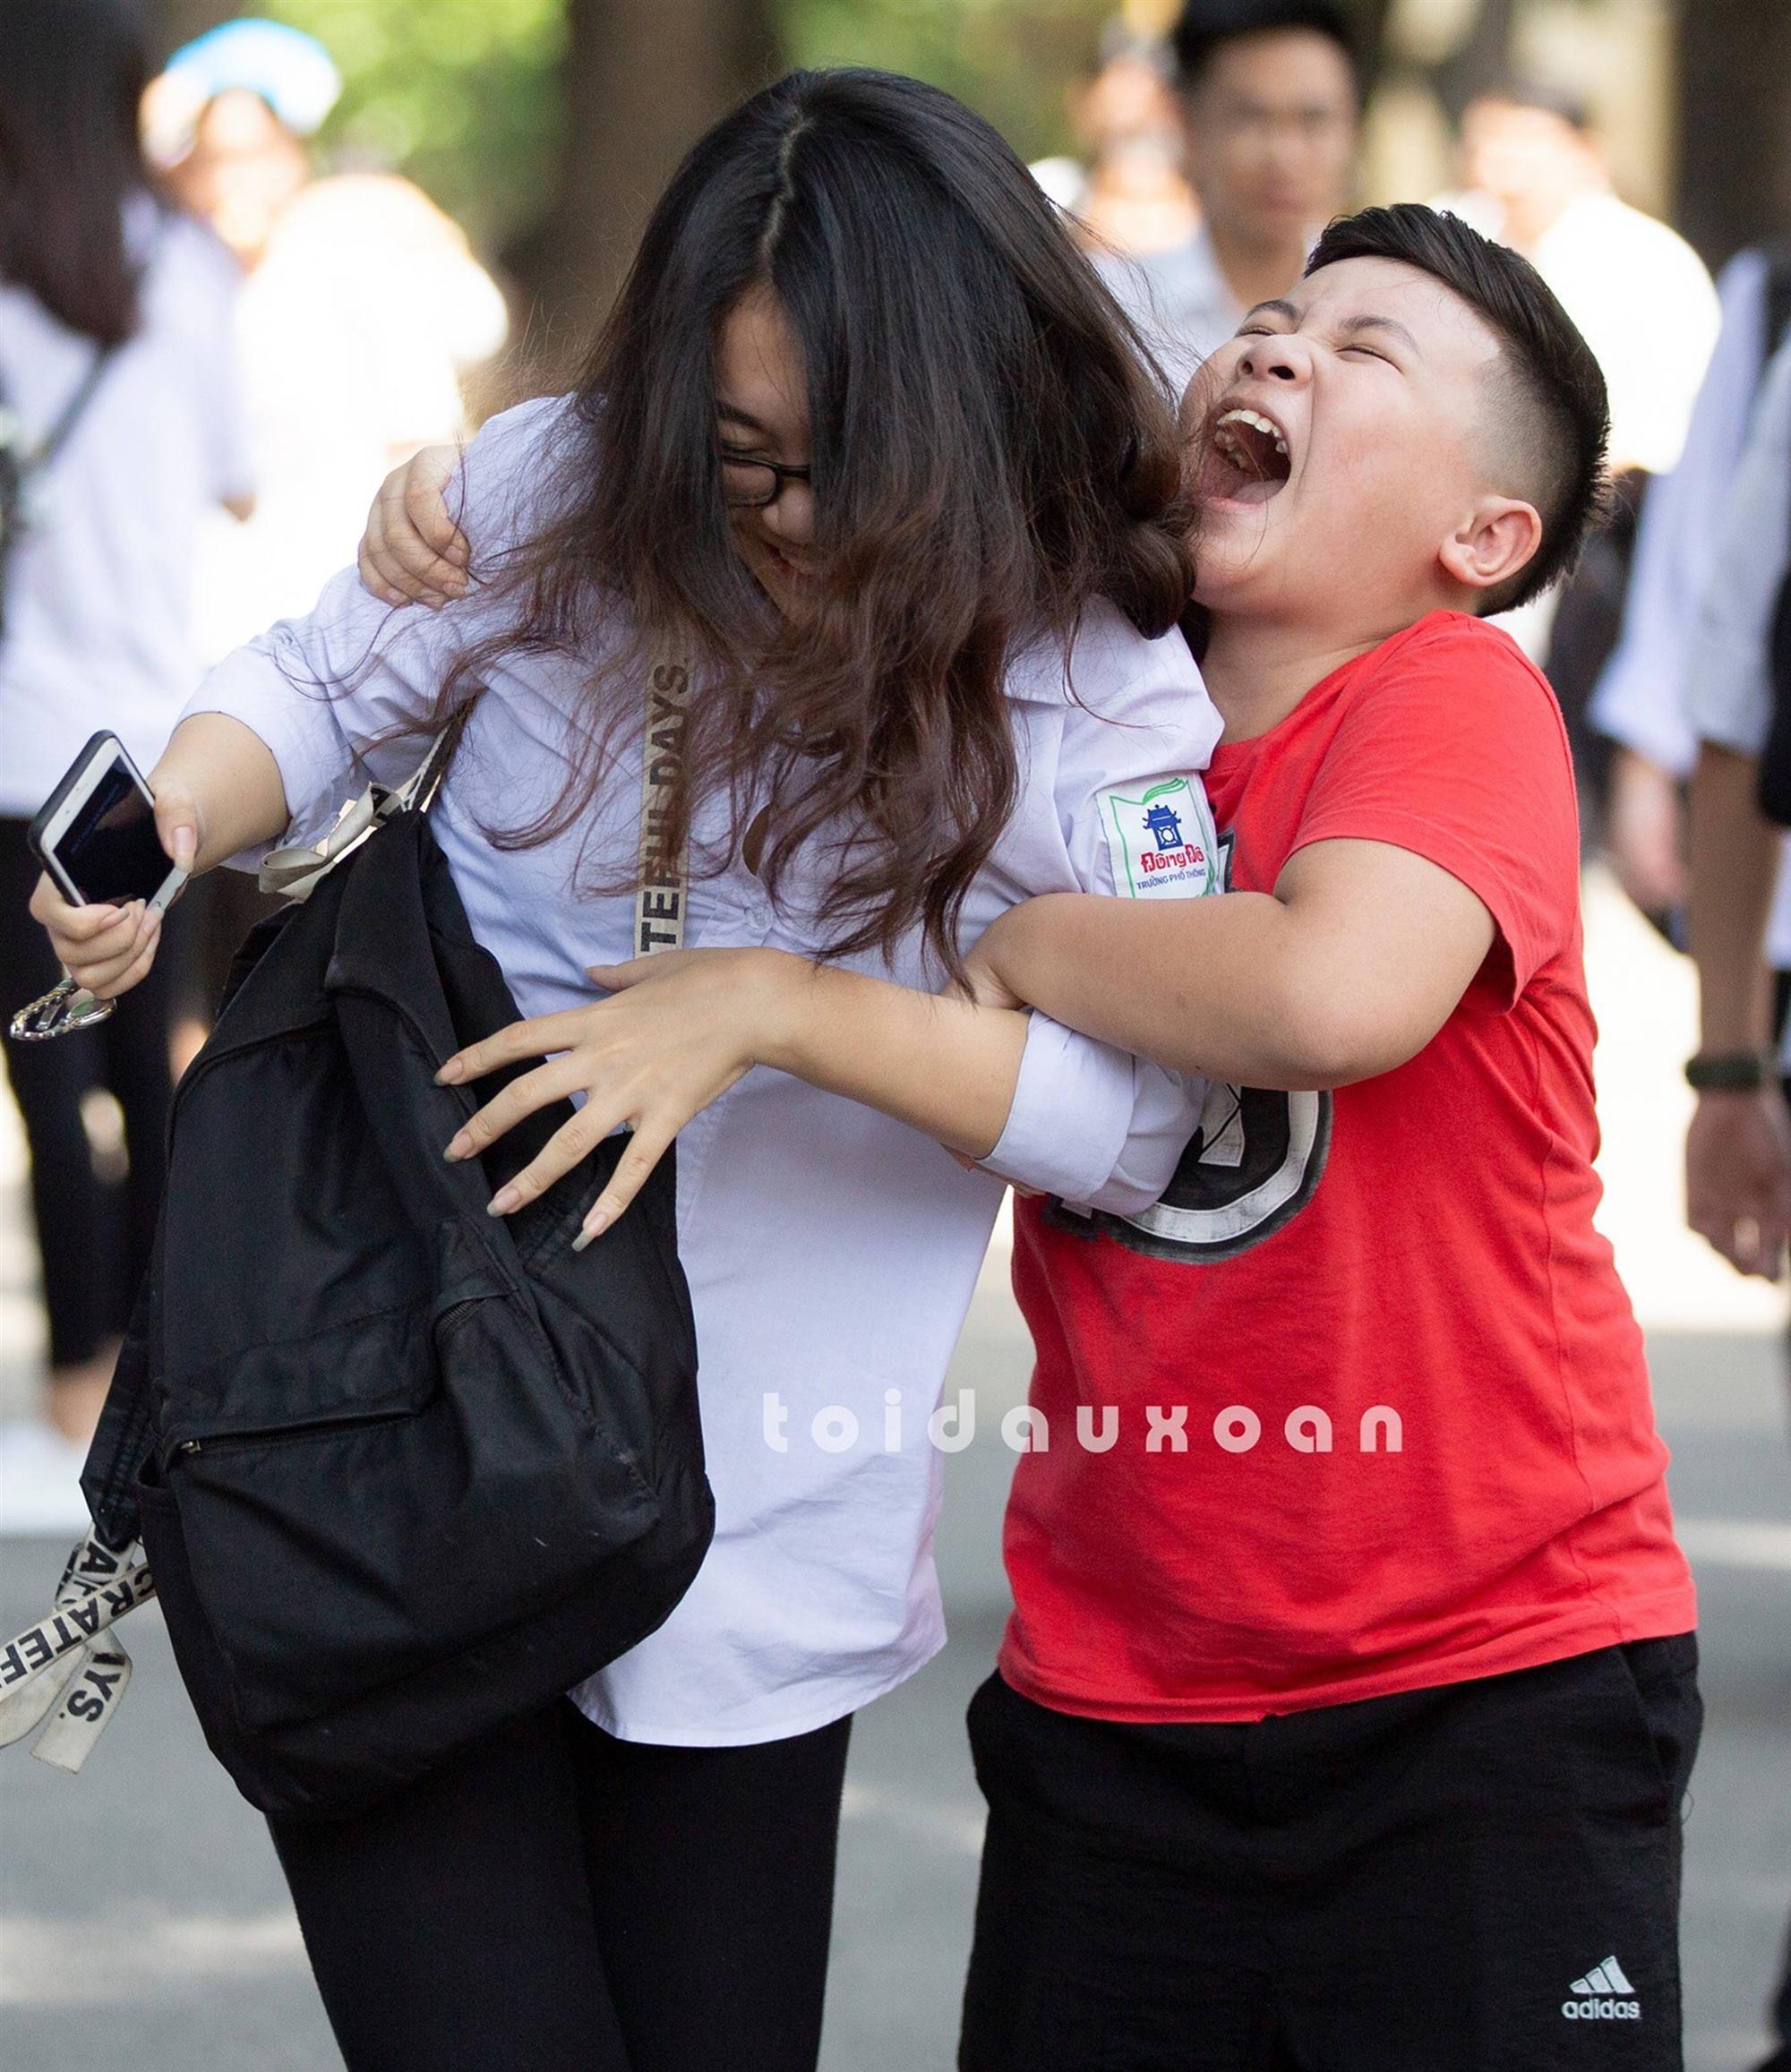 Cậu bé trong bức ảnh ôm chầm lấy chị gái sung sướng khi kết thúc kỳ thi THPT Quốc gia: Chị được điểm cao em cho hẳn 4 triệu!-3